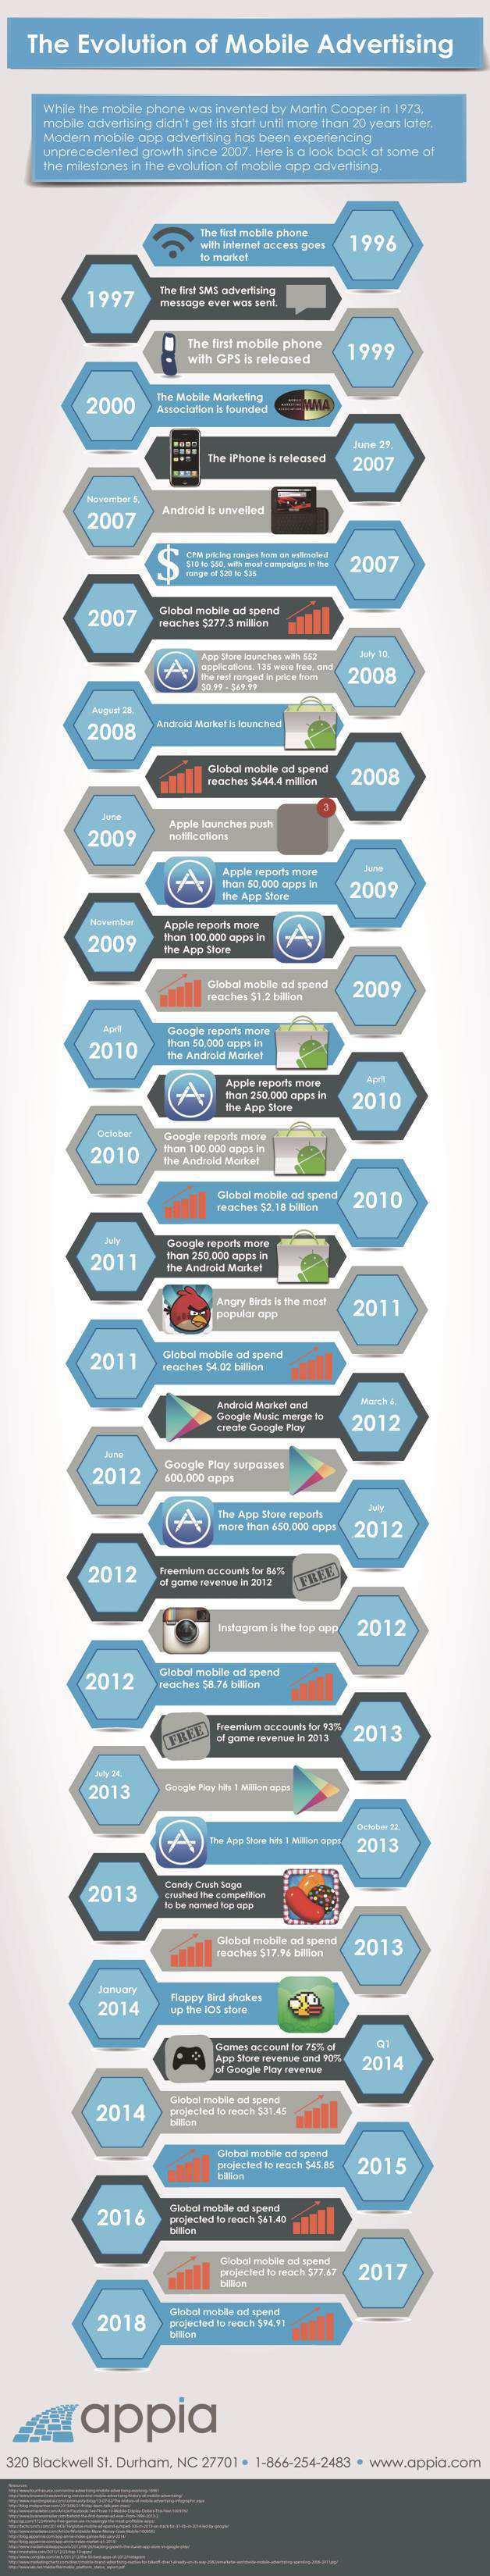 Evolution of Mobile Advertising